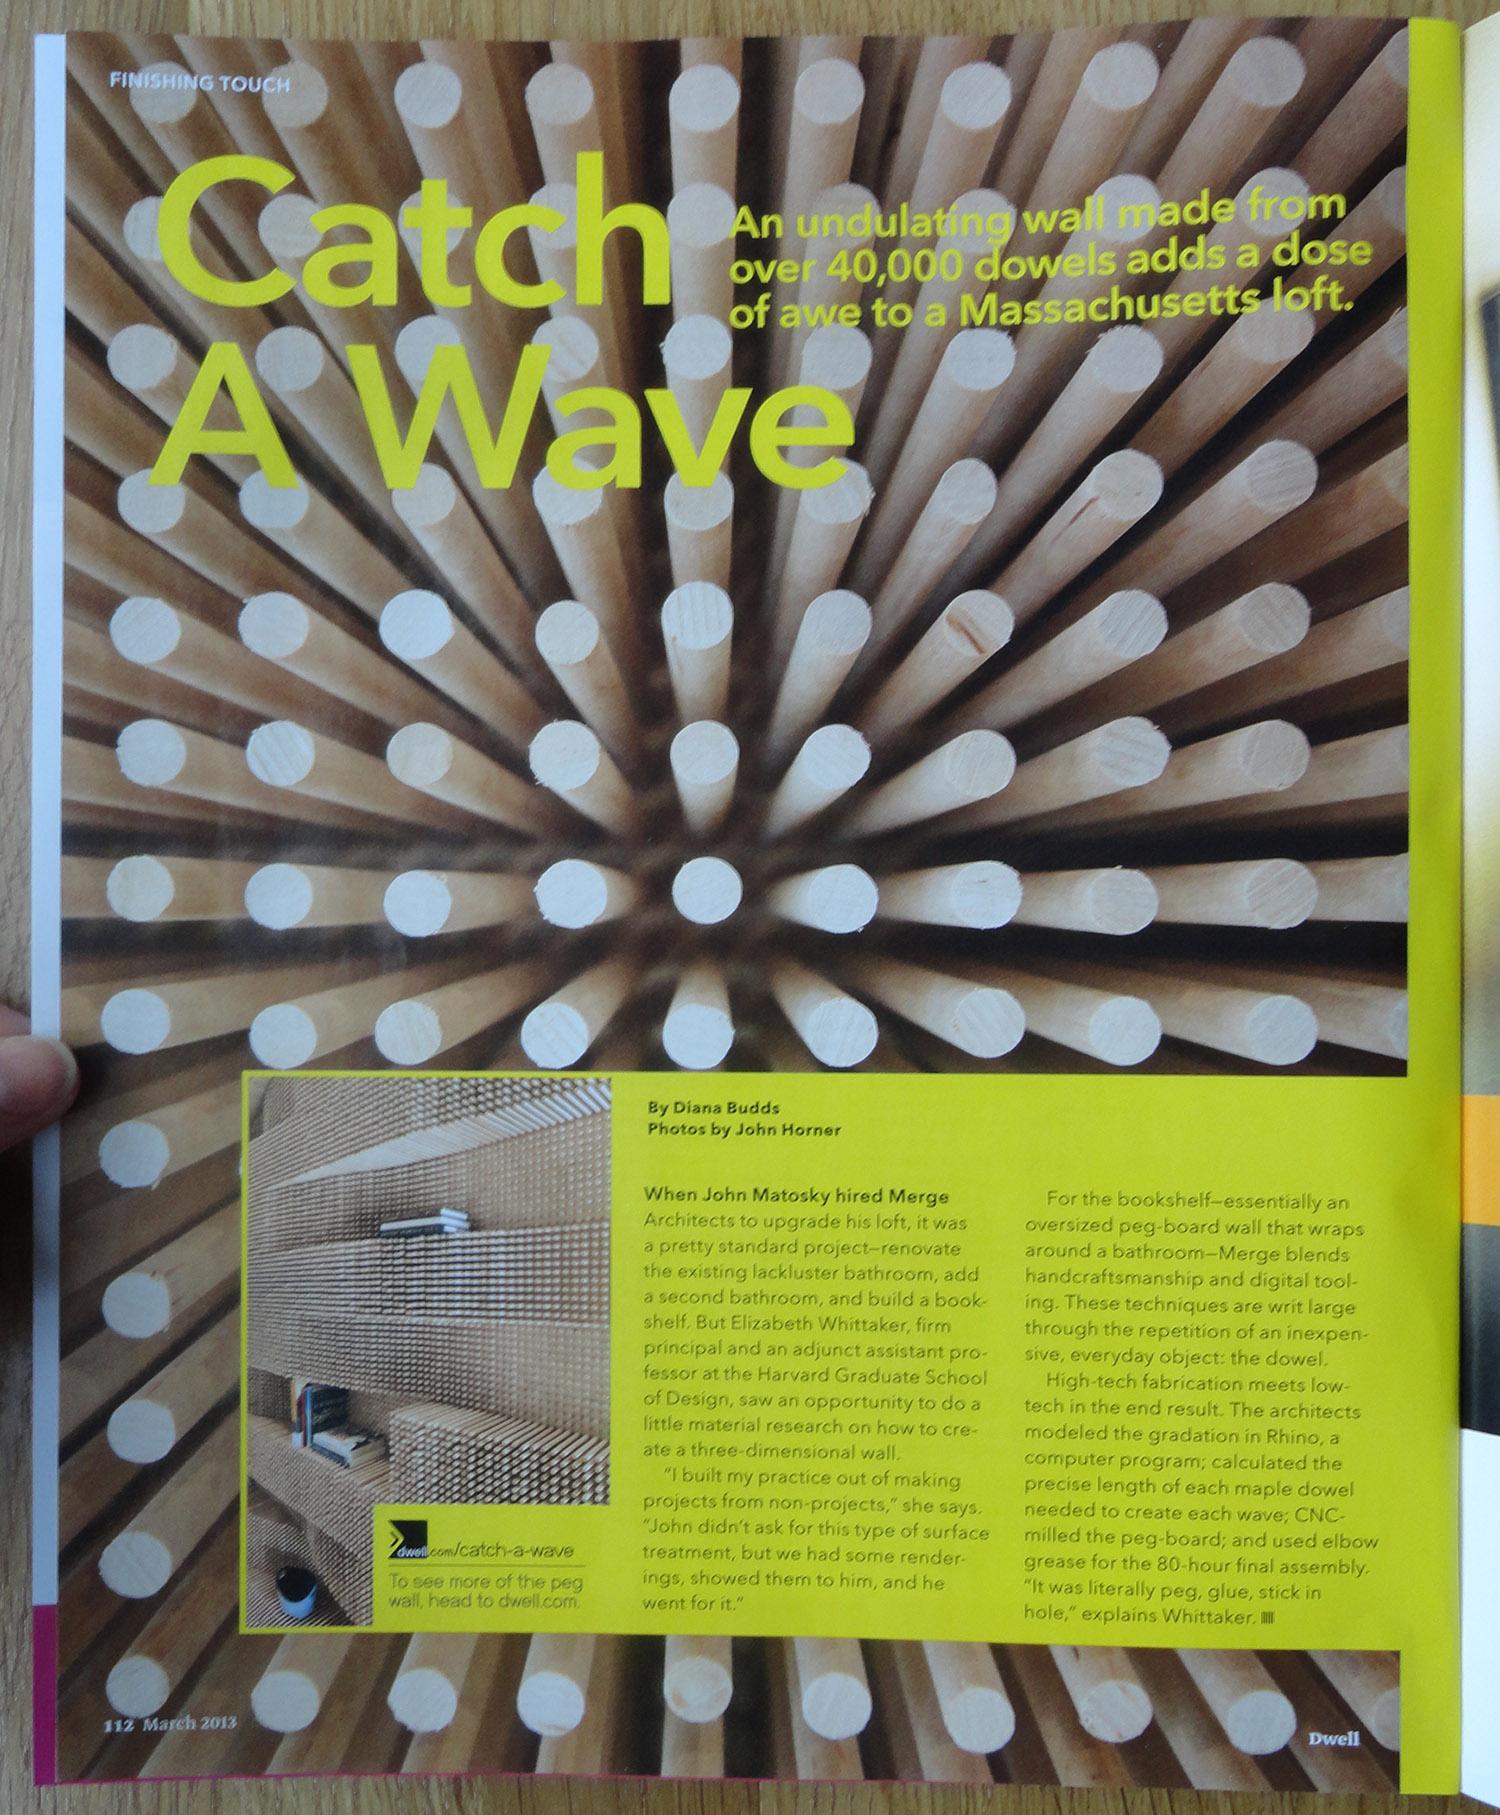 dwell-catch a wave-DSC03449.JPG